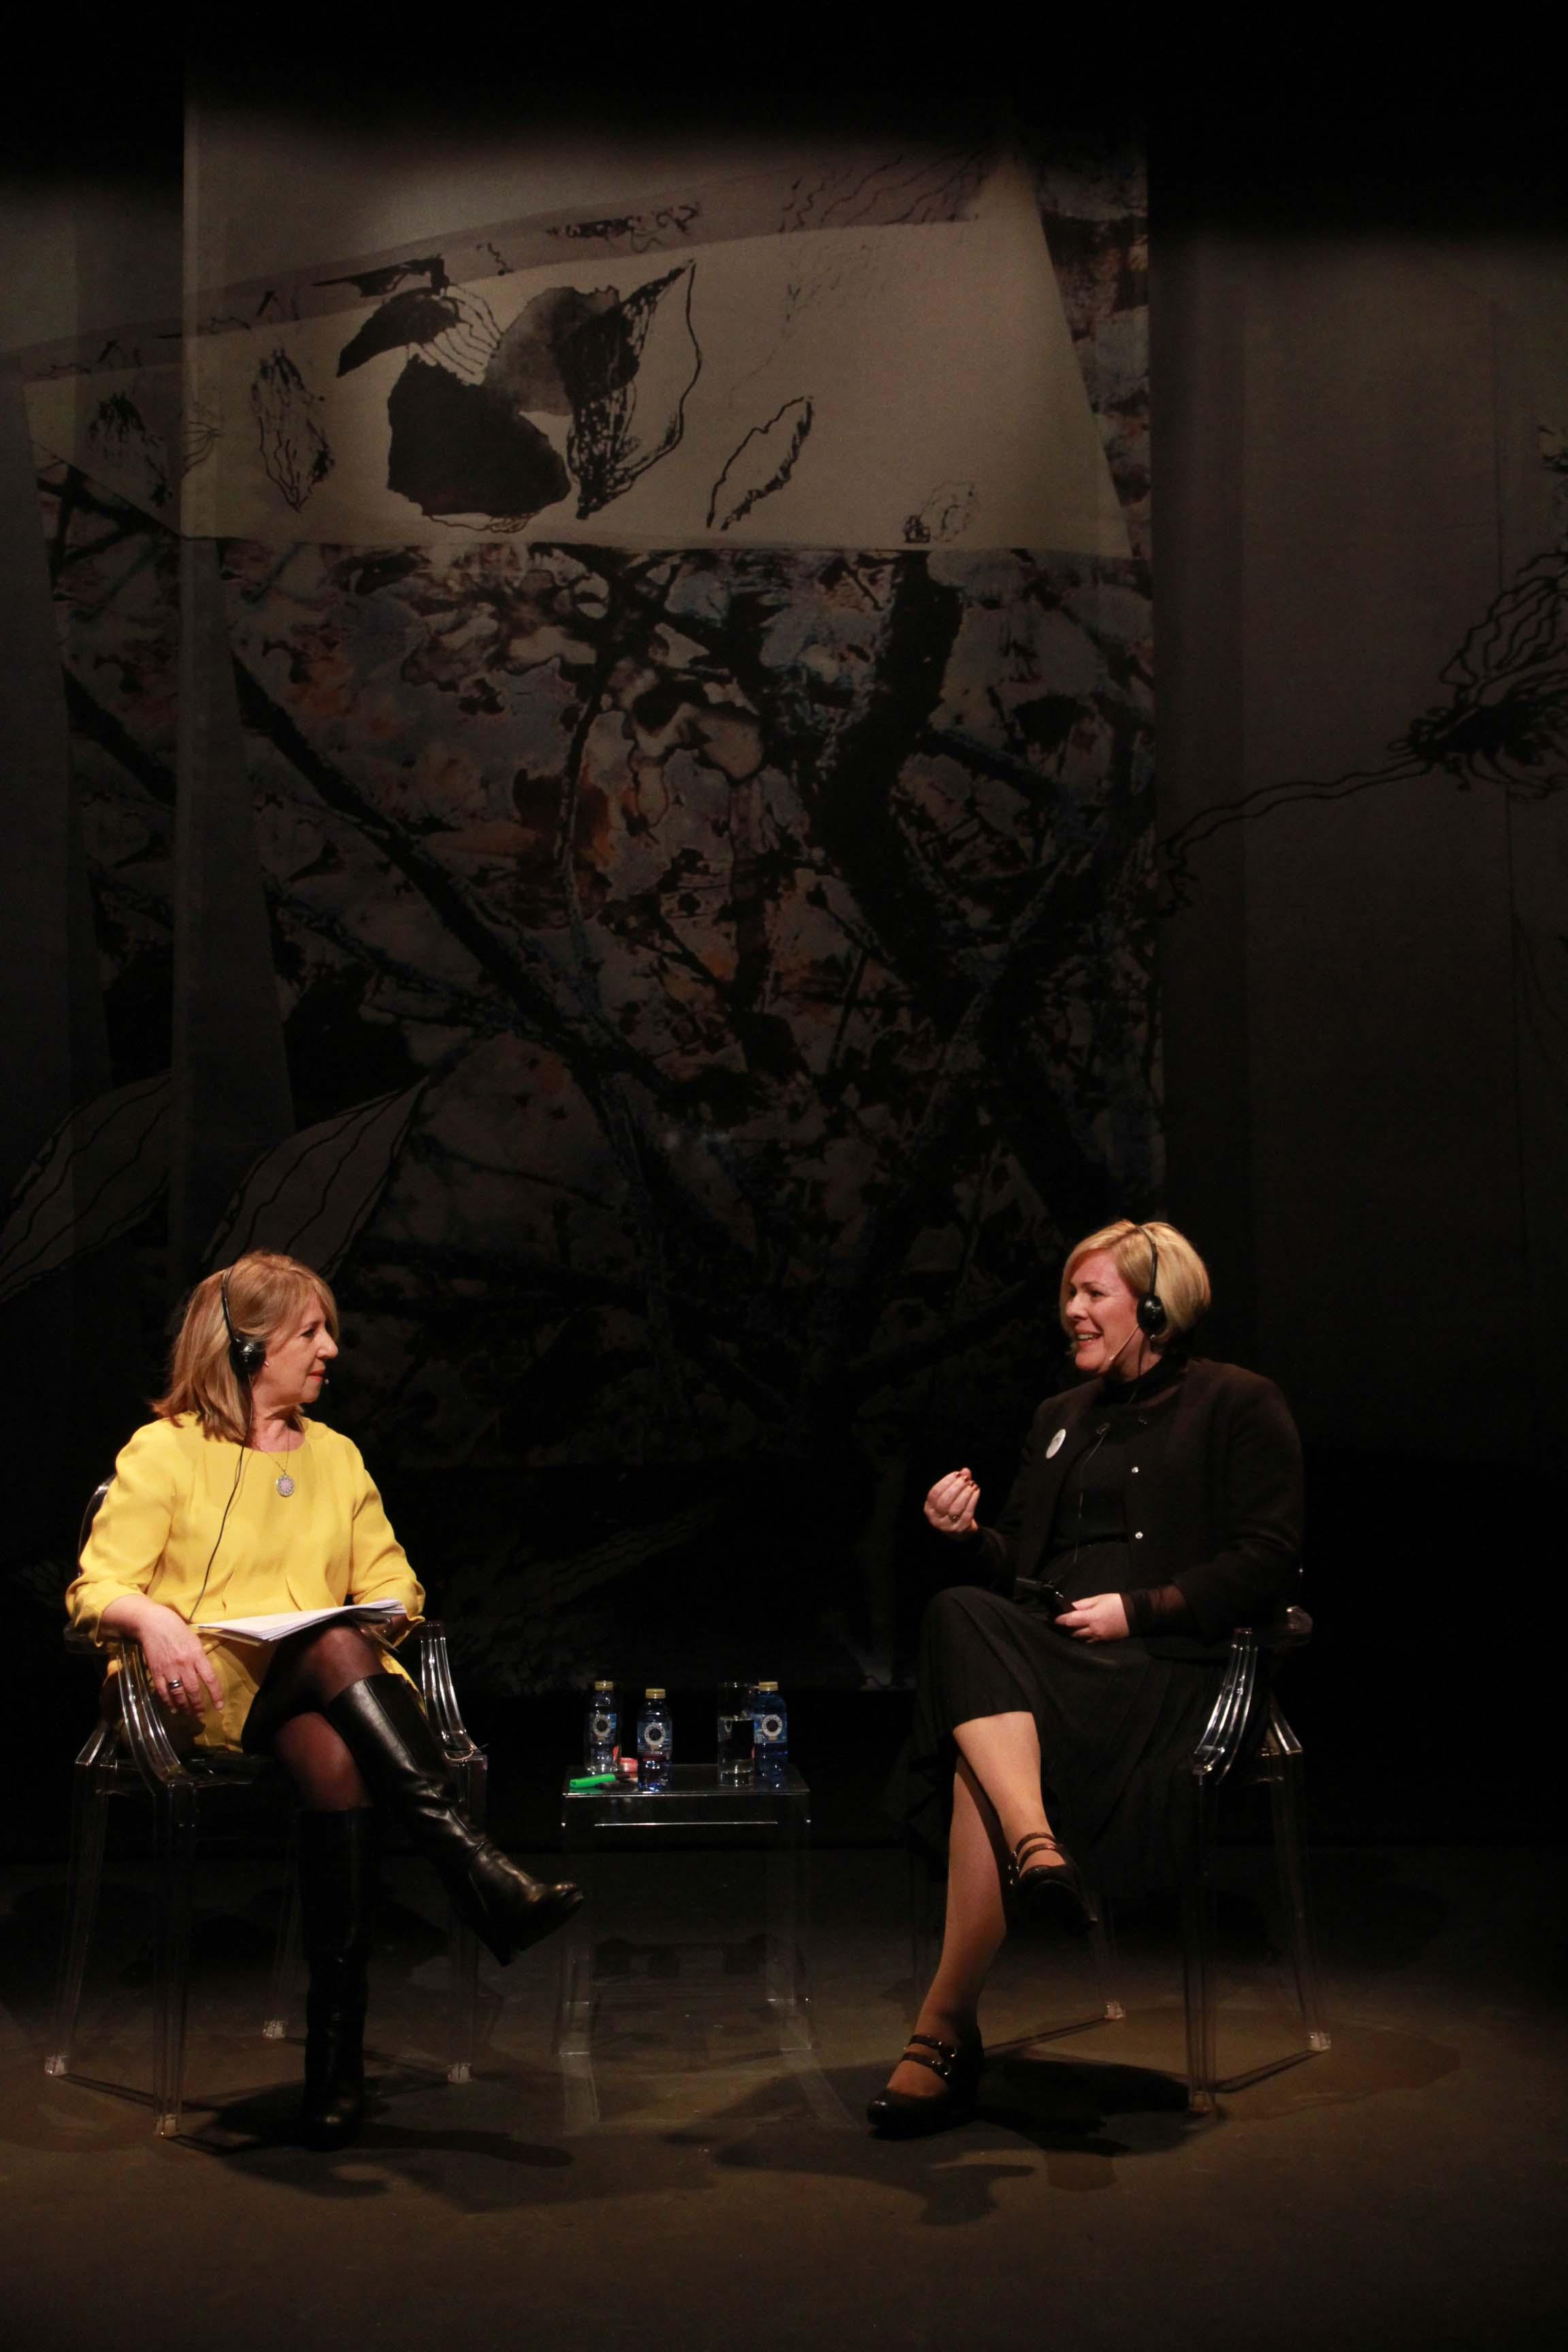 Halla Tómasdóttir y Alicia Gómez Montano, en la charla mantenida ante el público el domingo 15 de marzo en el V Encuentro Mujeres que transforman el mundo. Fotografía de Rosa Blanco